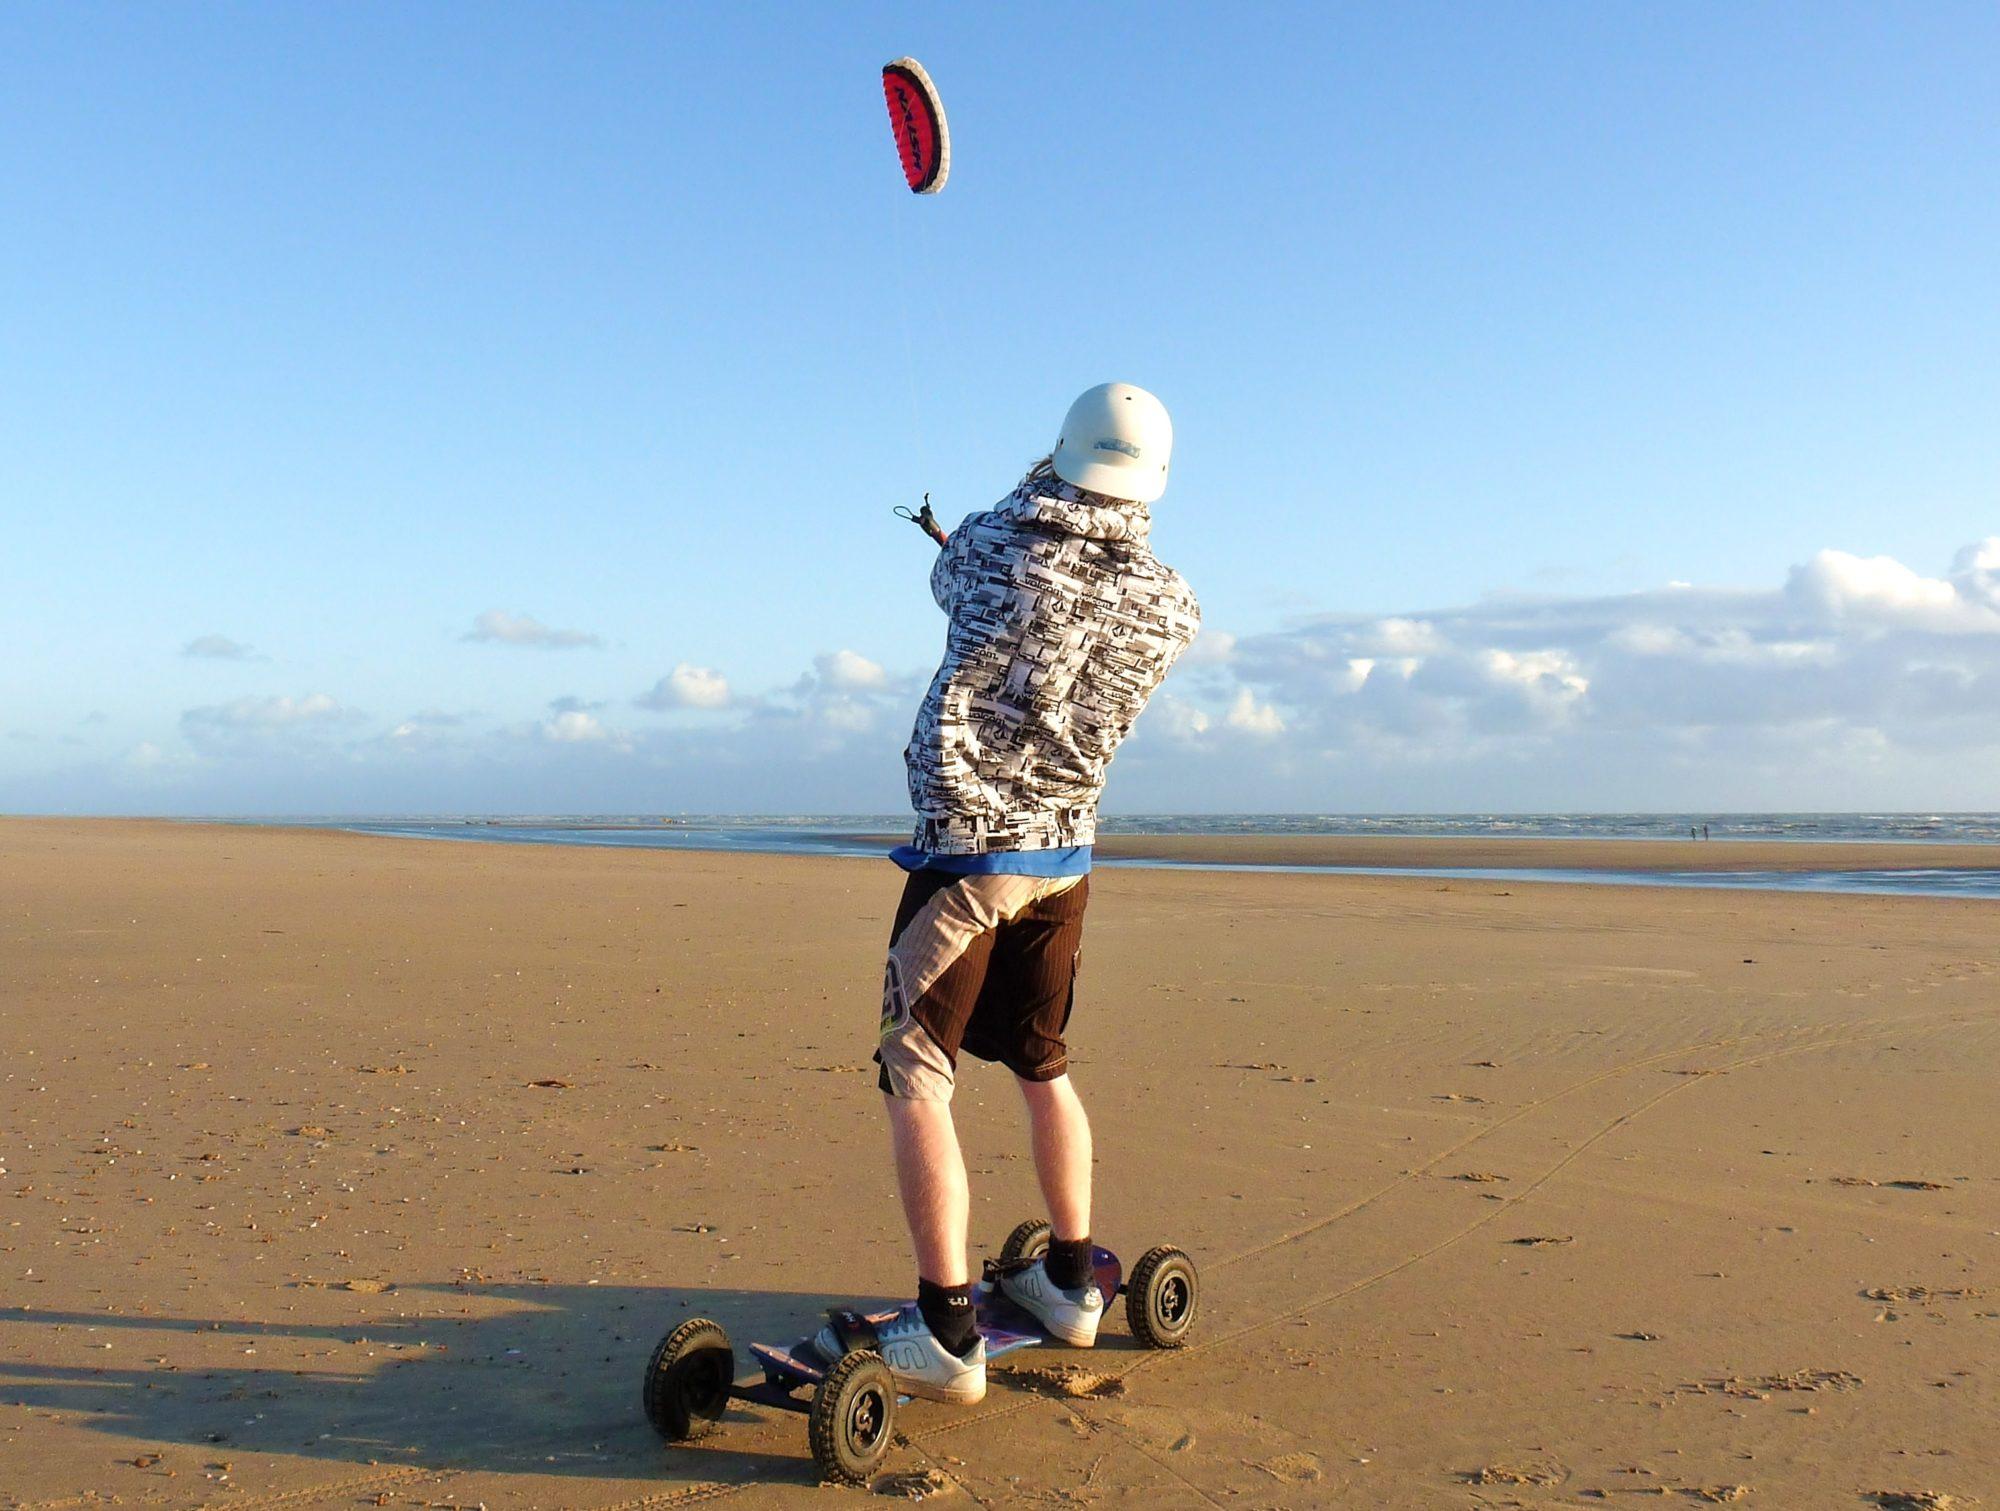 kite landboarding